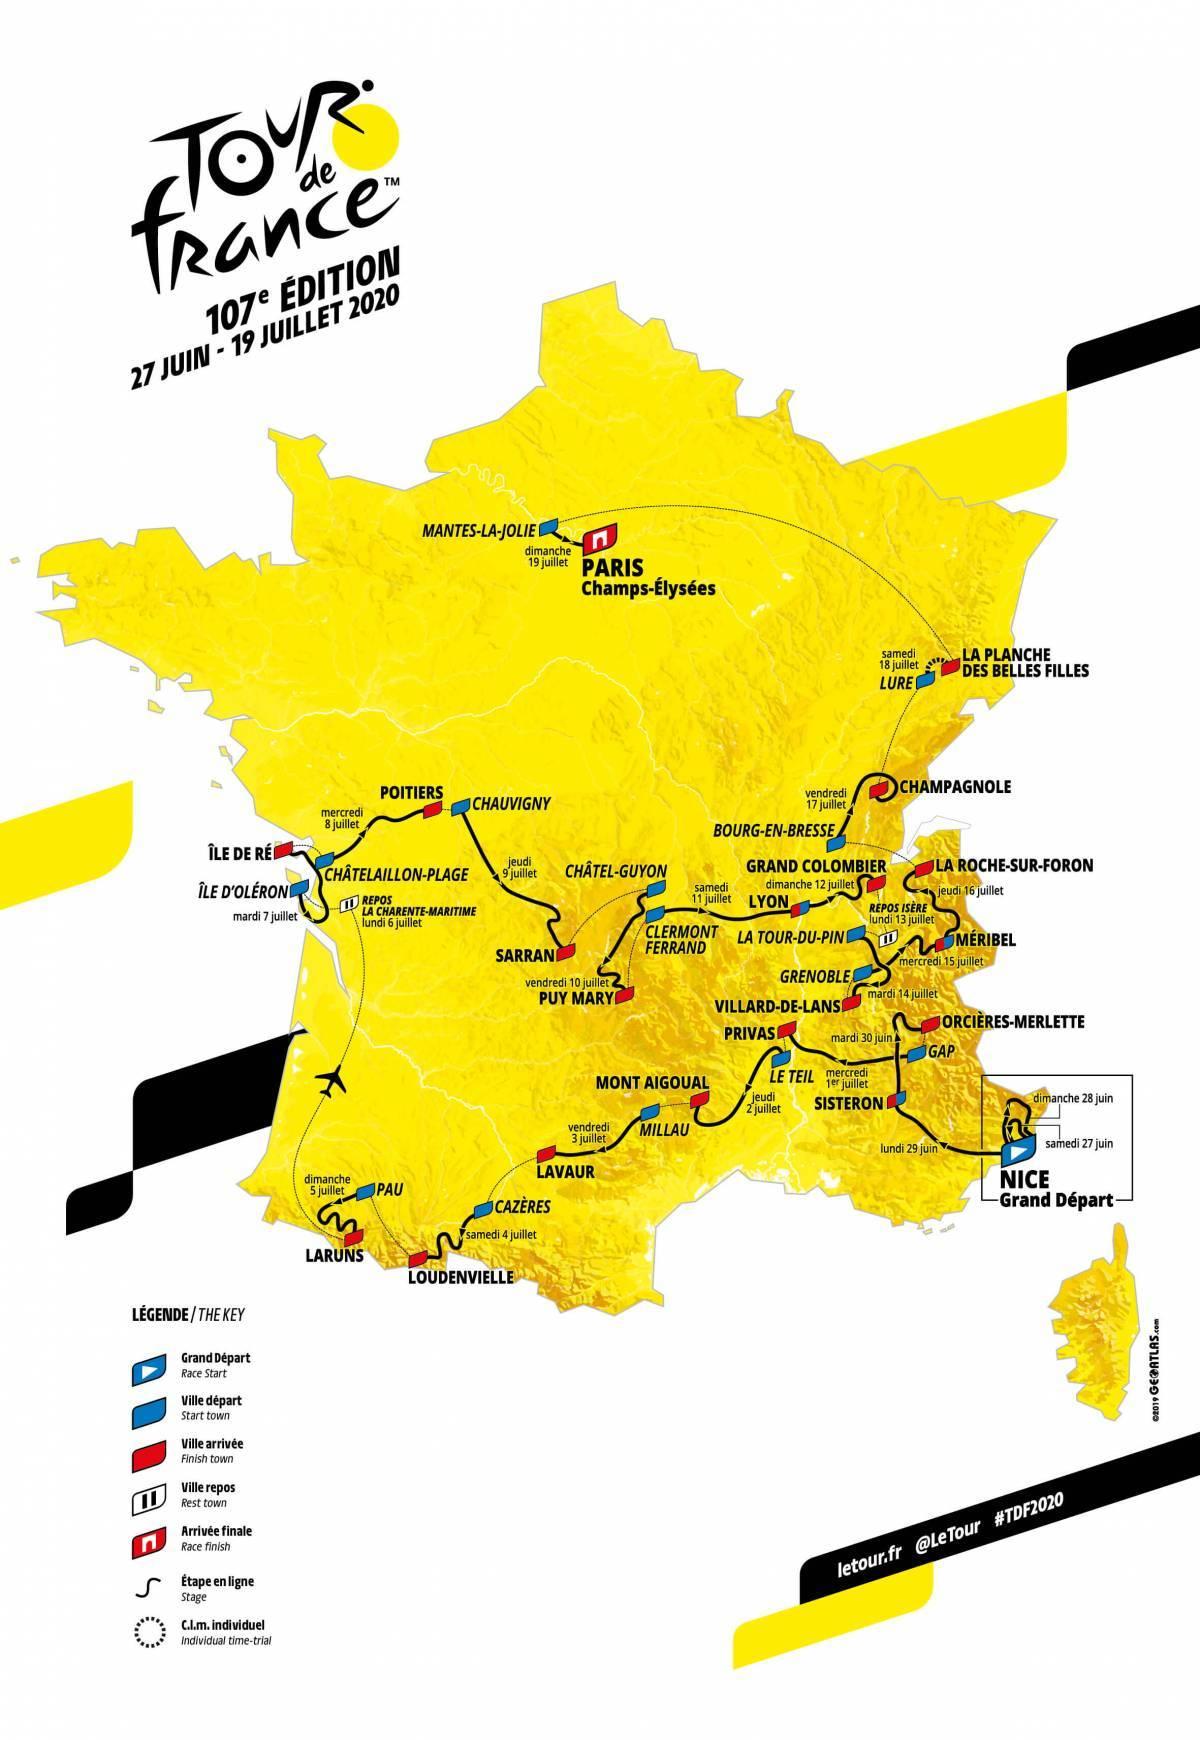 Initialement prévu du 27 juin au 19 juillet, l'épreuve mythique se déroulera sur le parcours prévu, sans changement, de Nice à Paris - Document @ASO